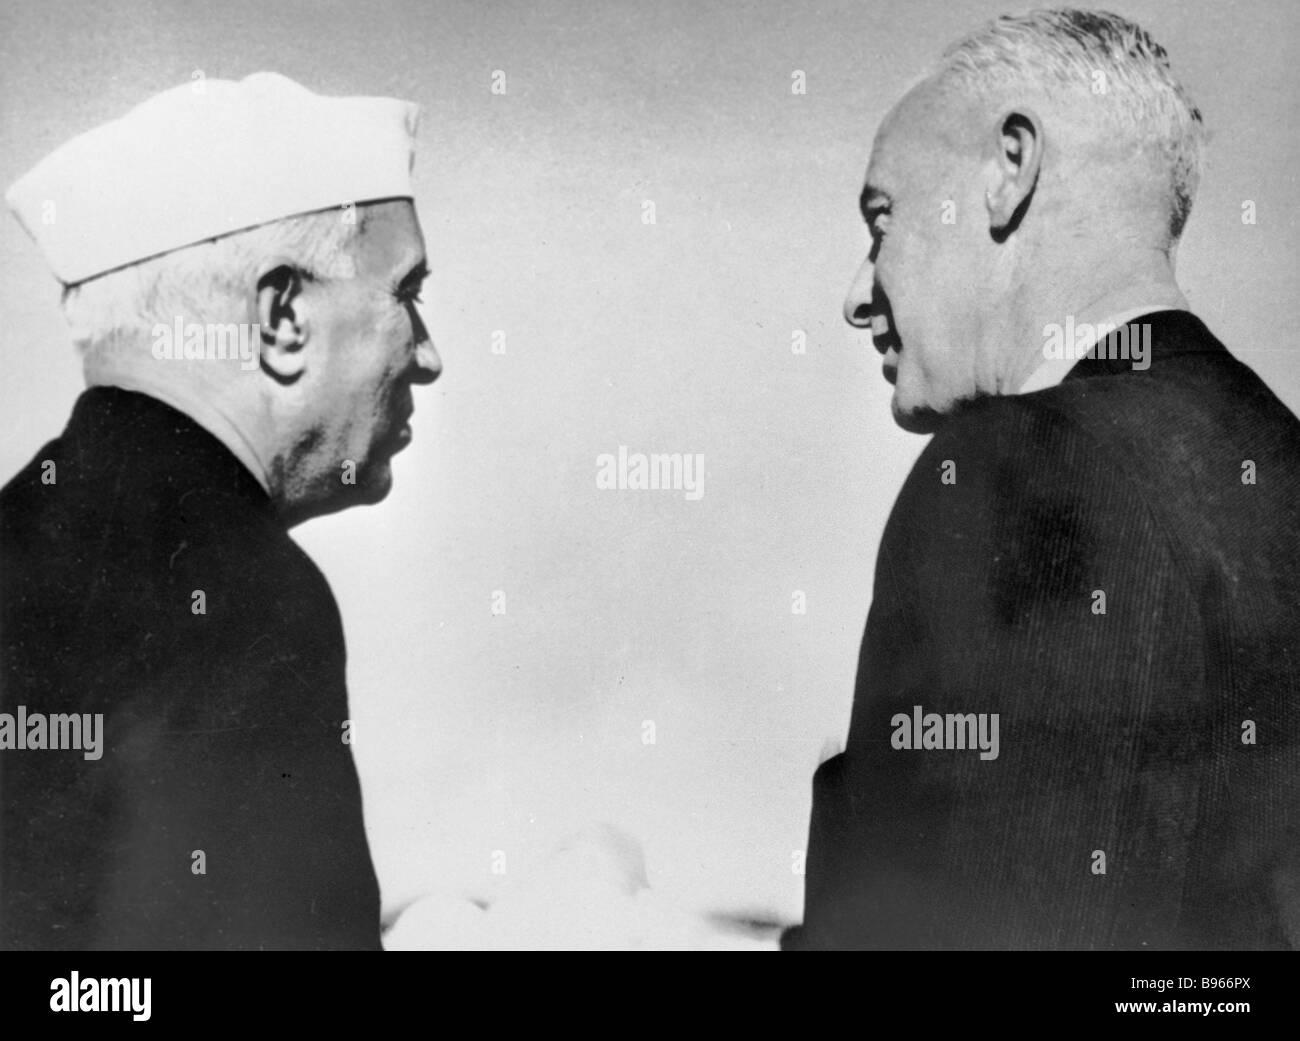 Indian Prime Minister Jawaharlal Nehru left and Soviet documentary film maker Roman Karmen right - Stock Image